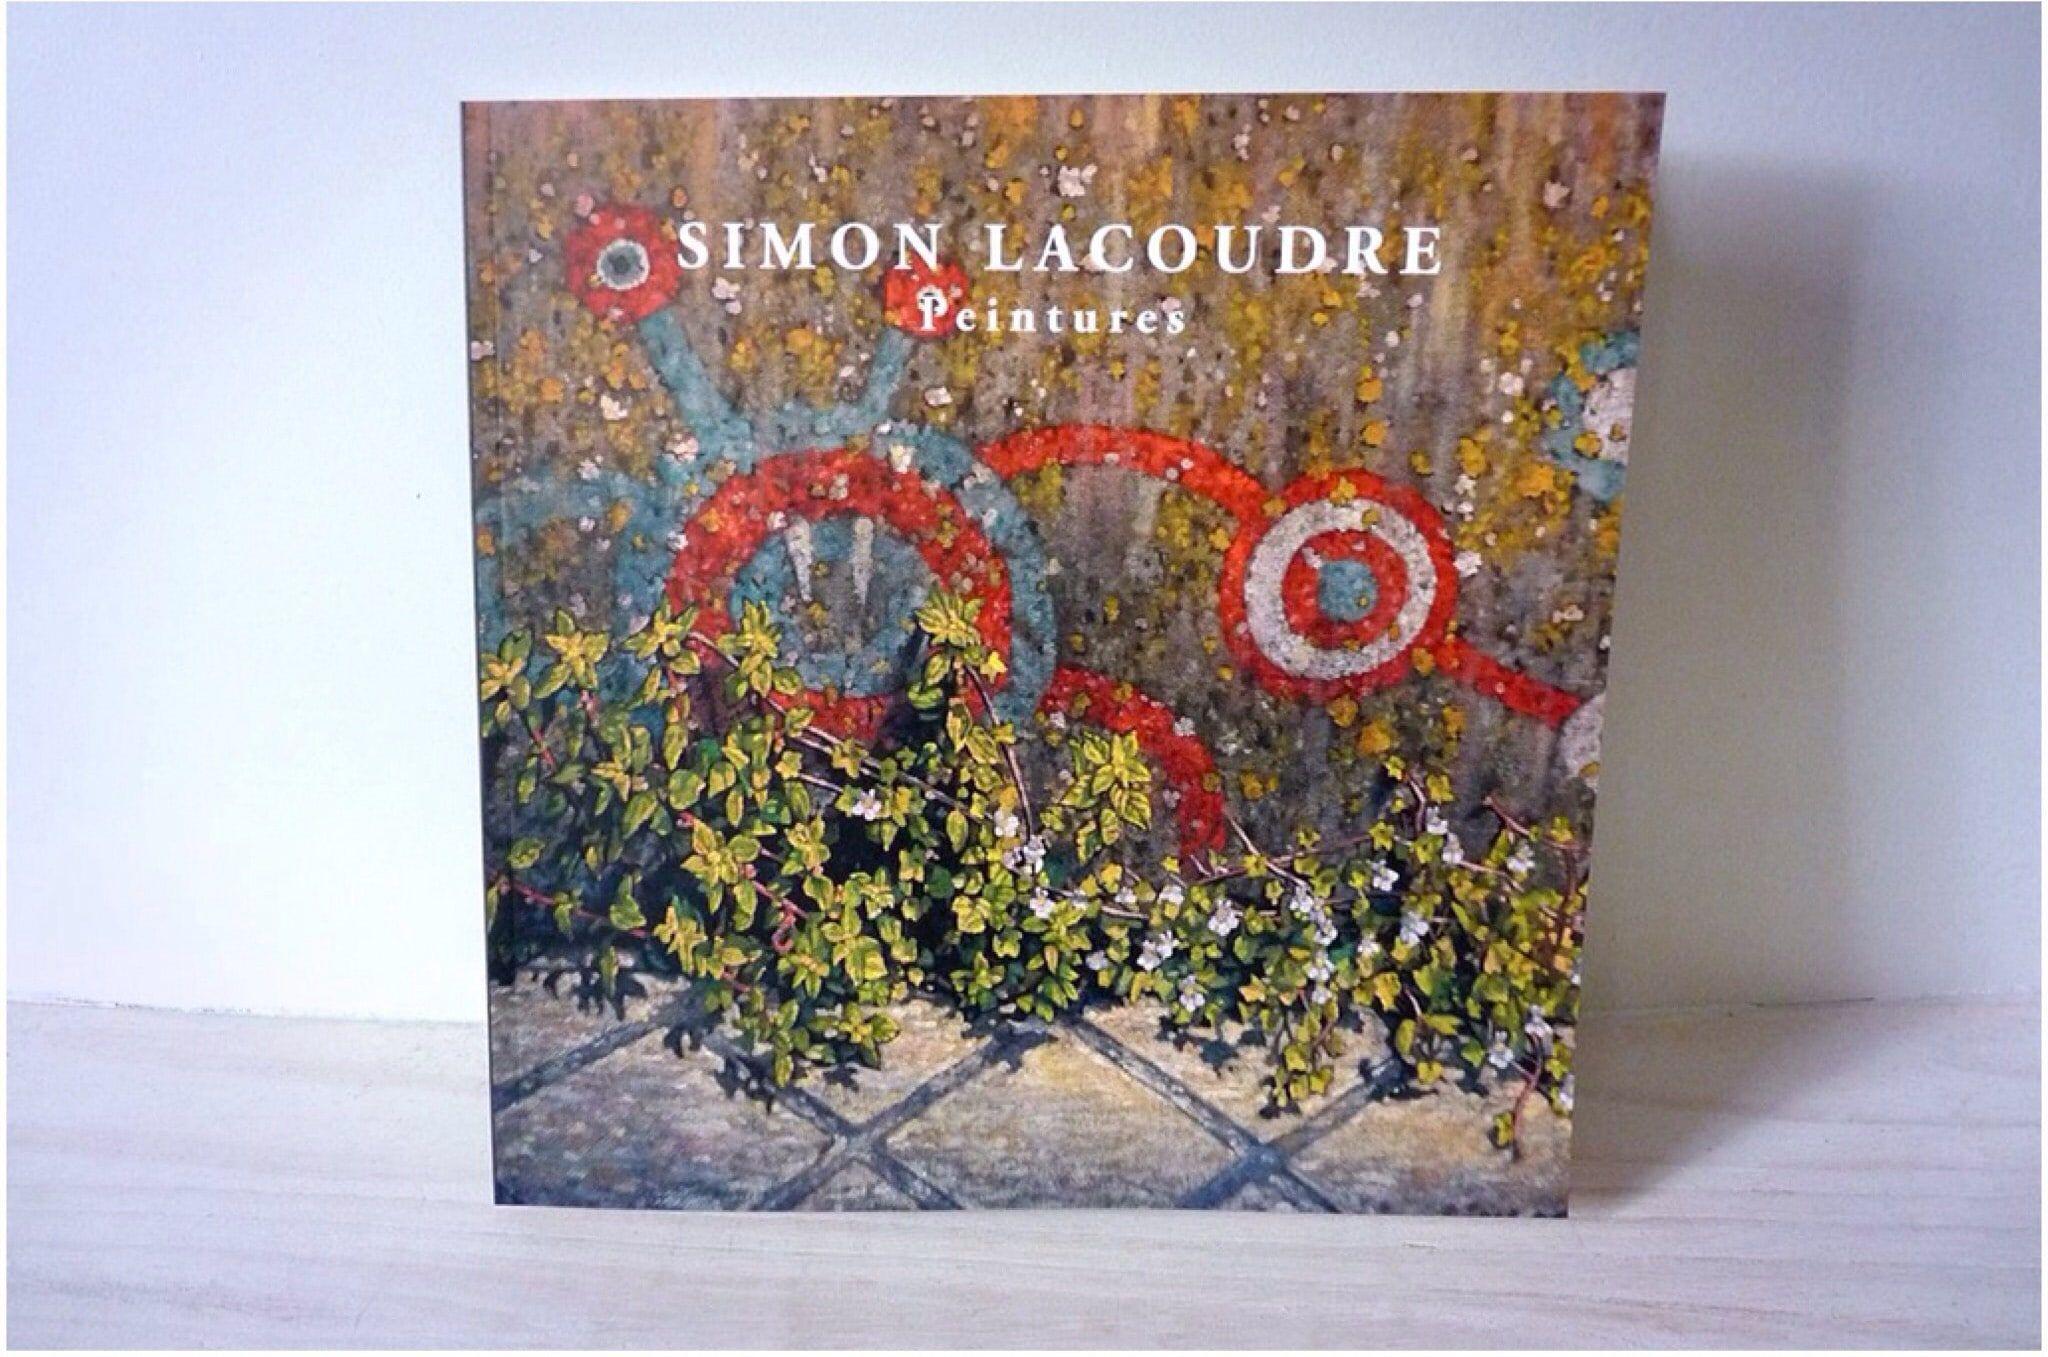 Simon_Lacoudre_Livre petit